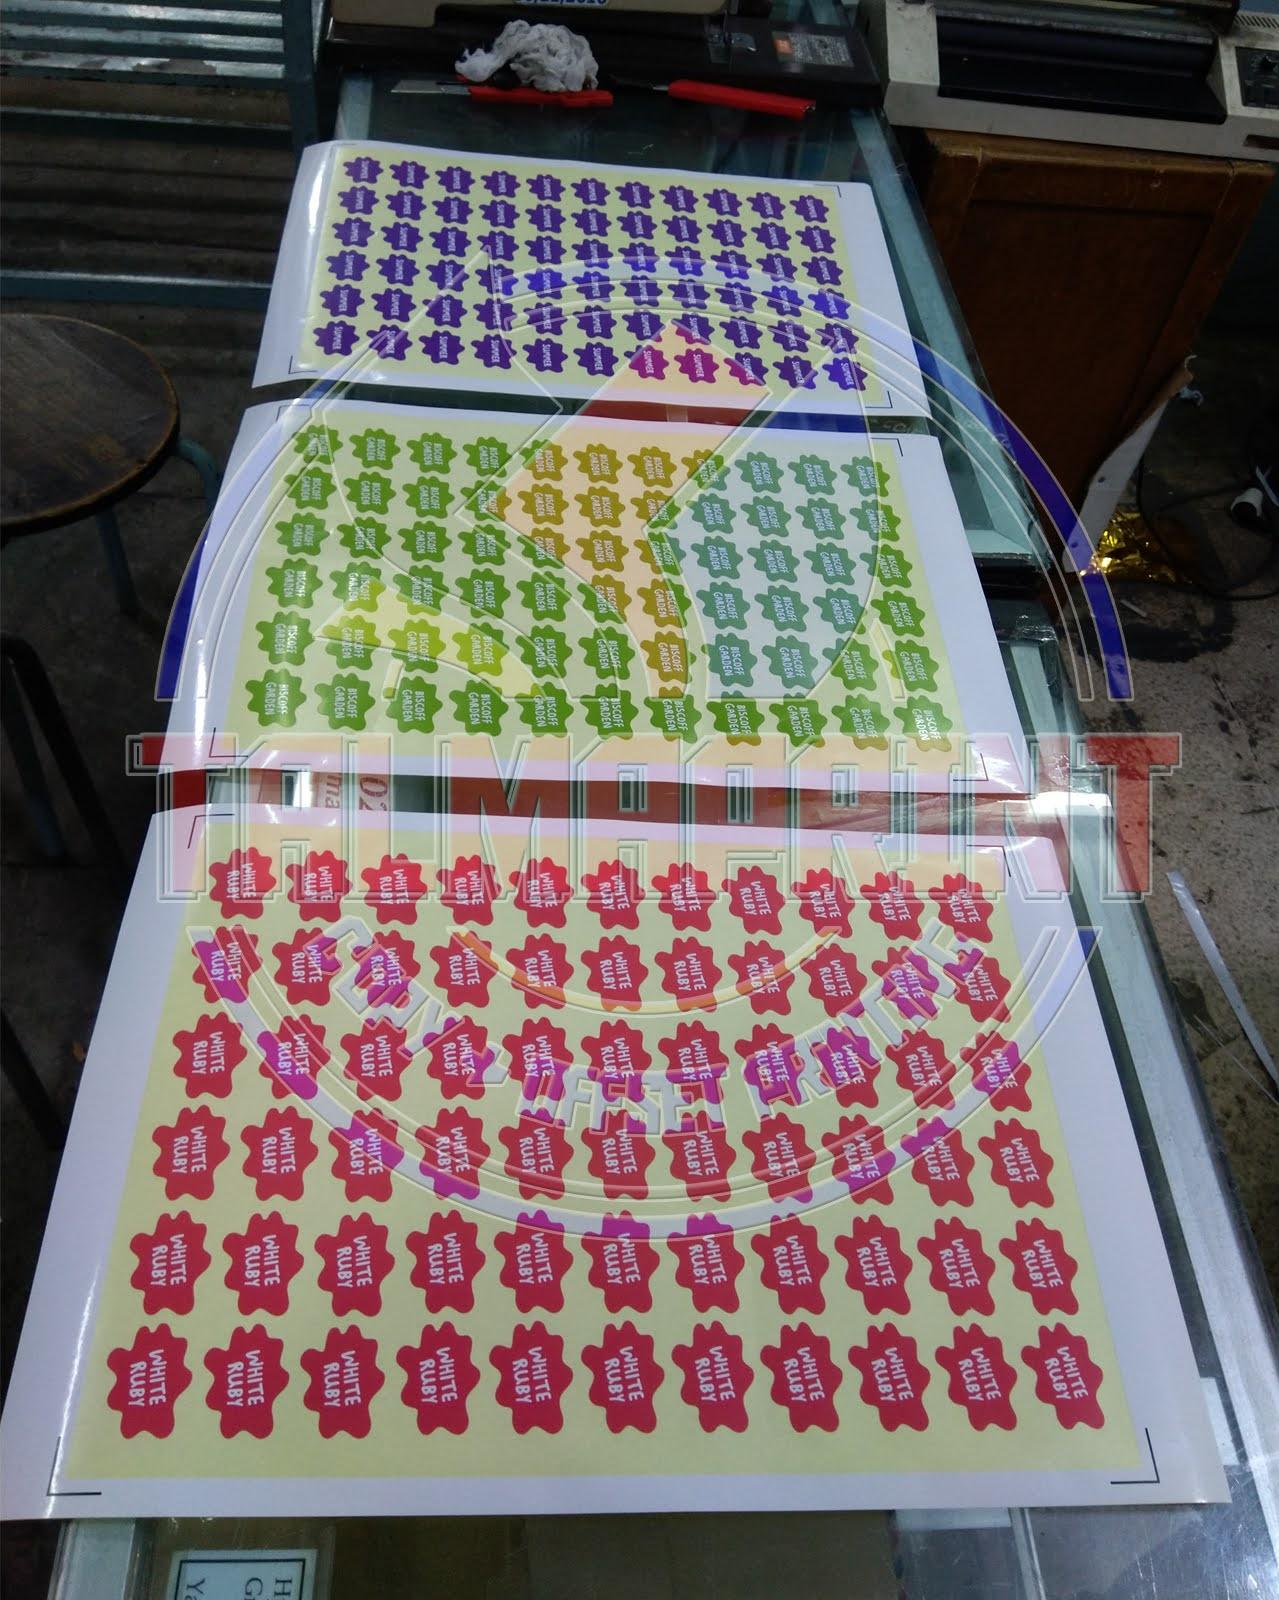 https://www.offsetprinting21.com/2019/01/jasa-cetak-stiker-vinyil-di-jakarta.html